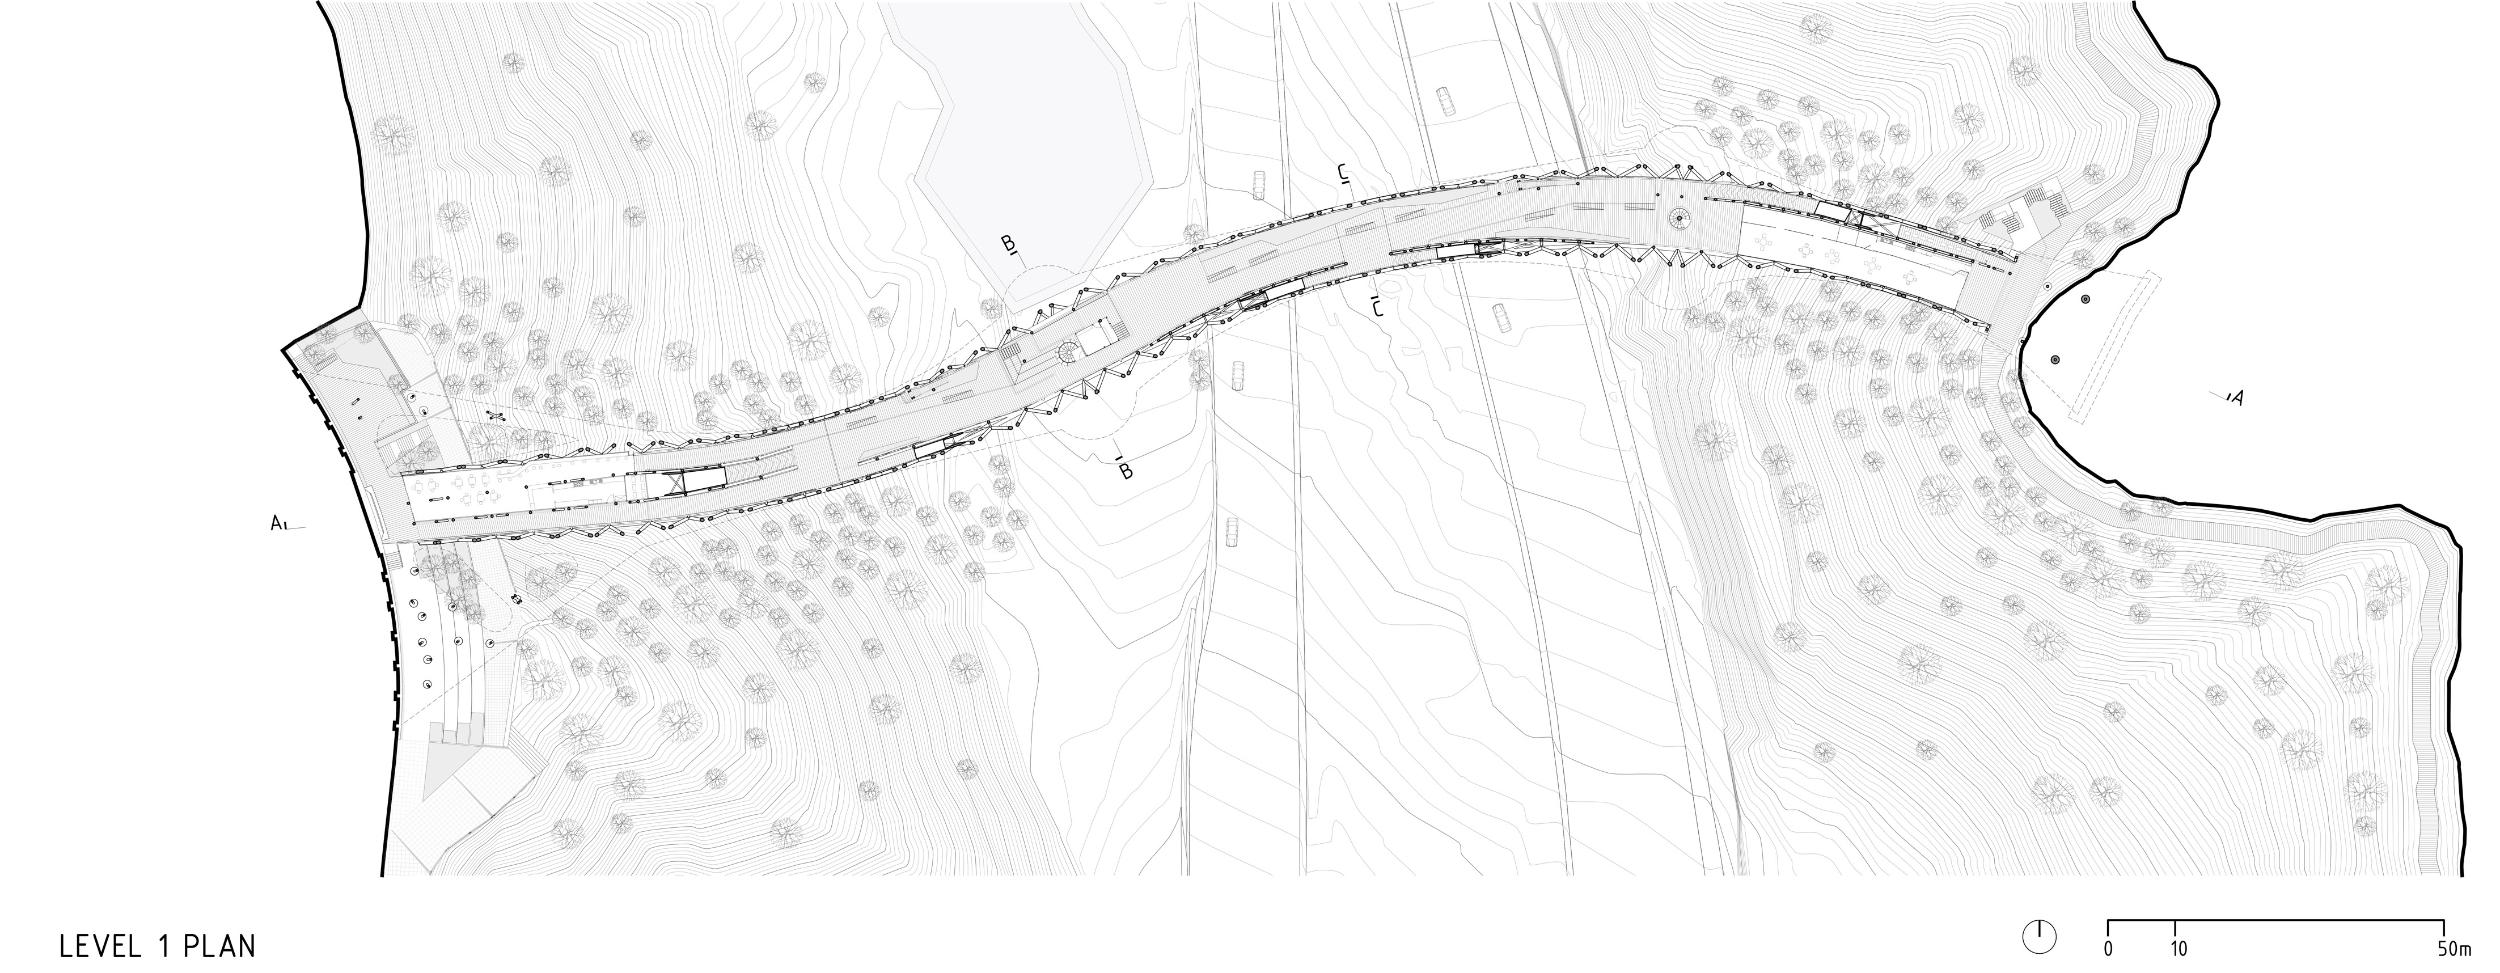 پلان طبقه اول پل طبیعت تهران,نقشه طبقه اول پل طبیعت